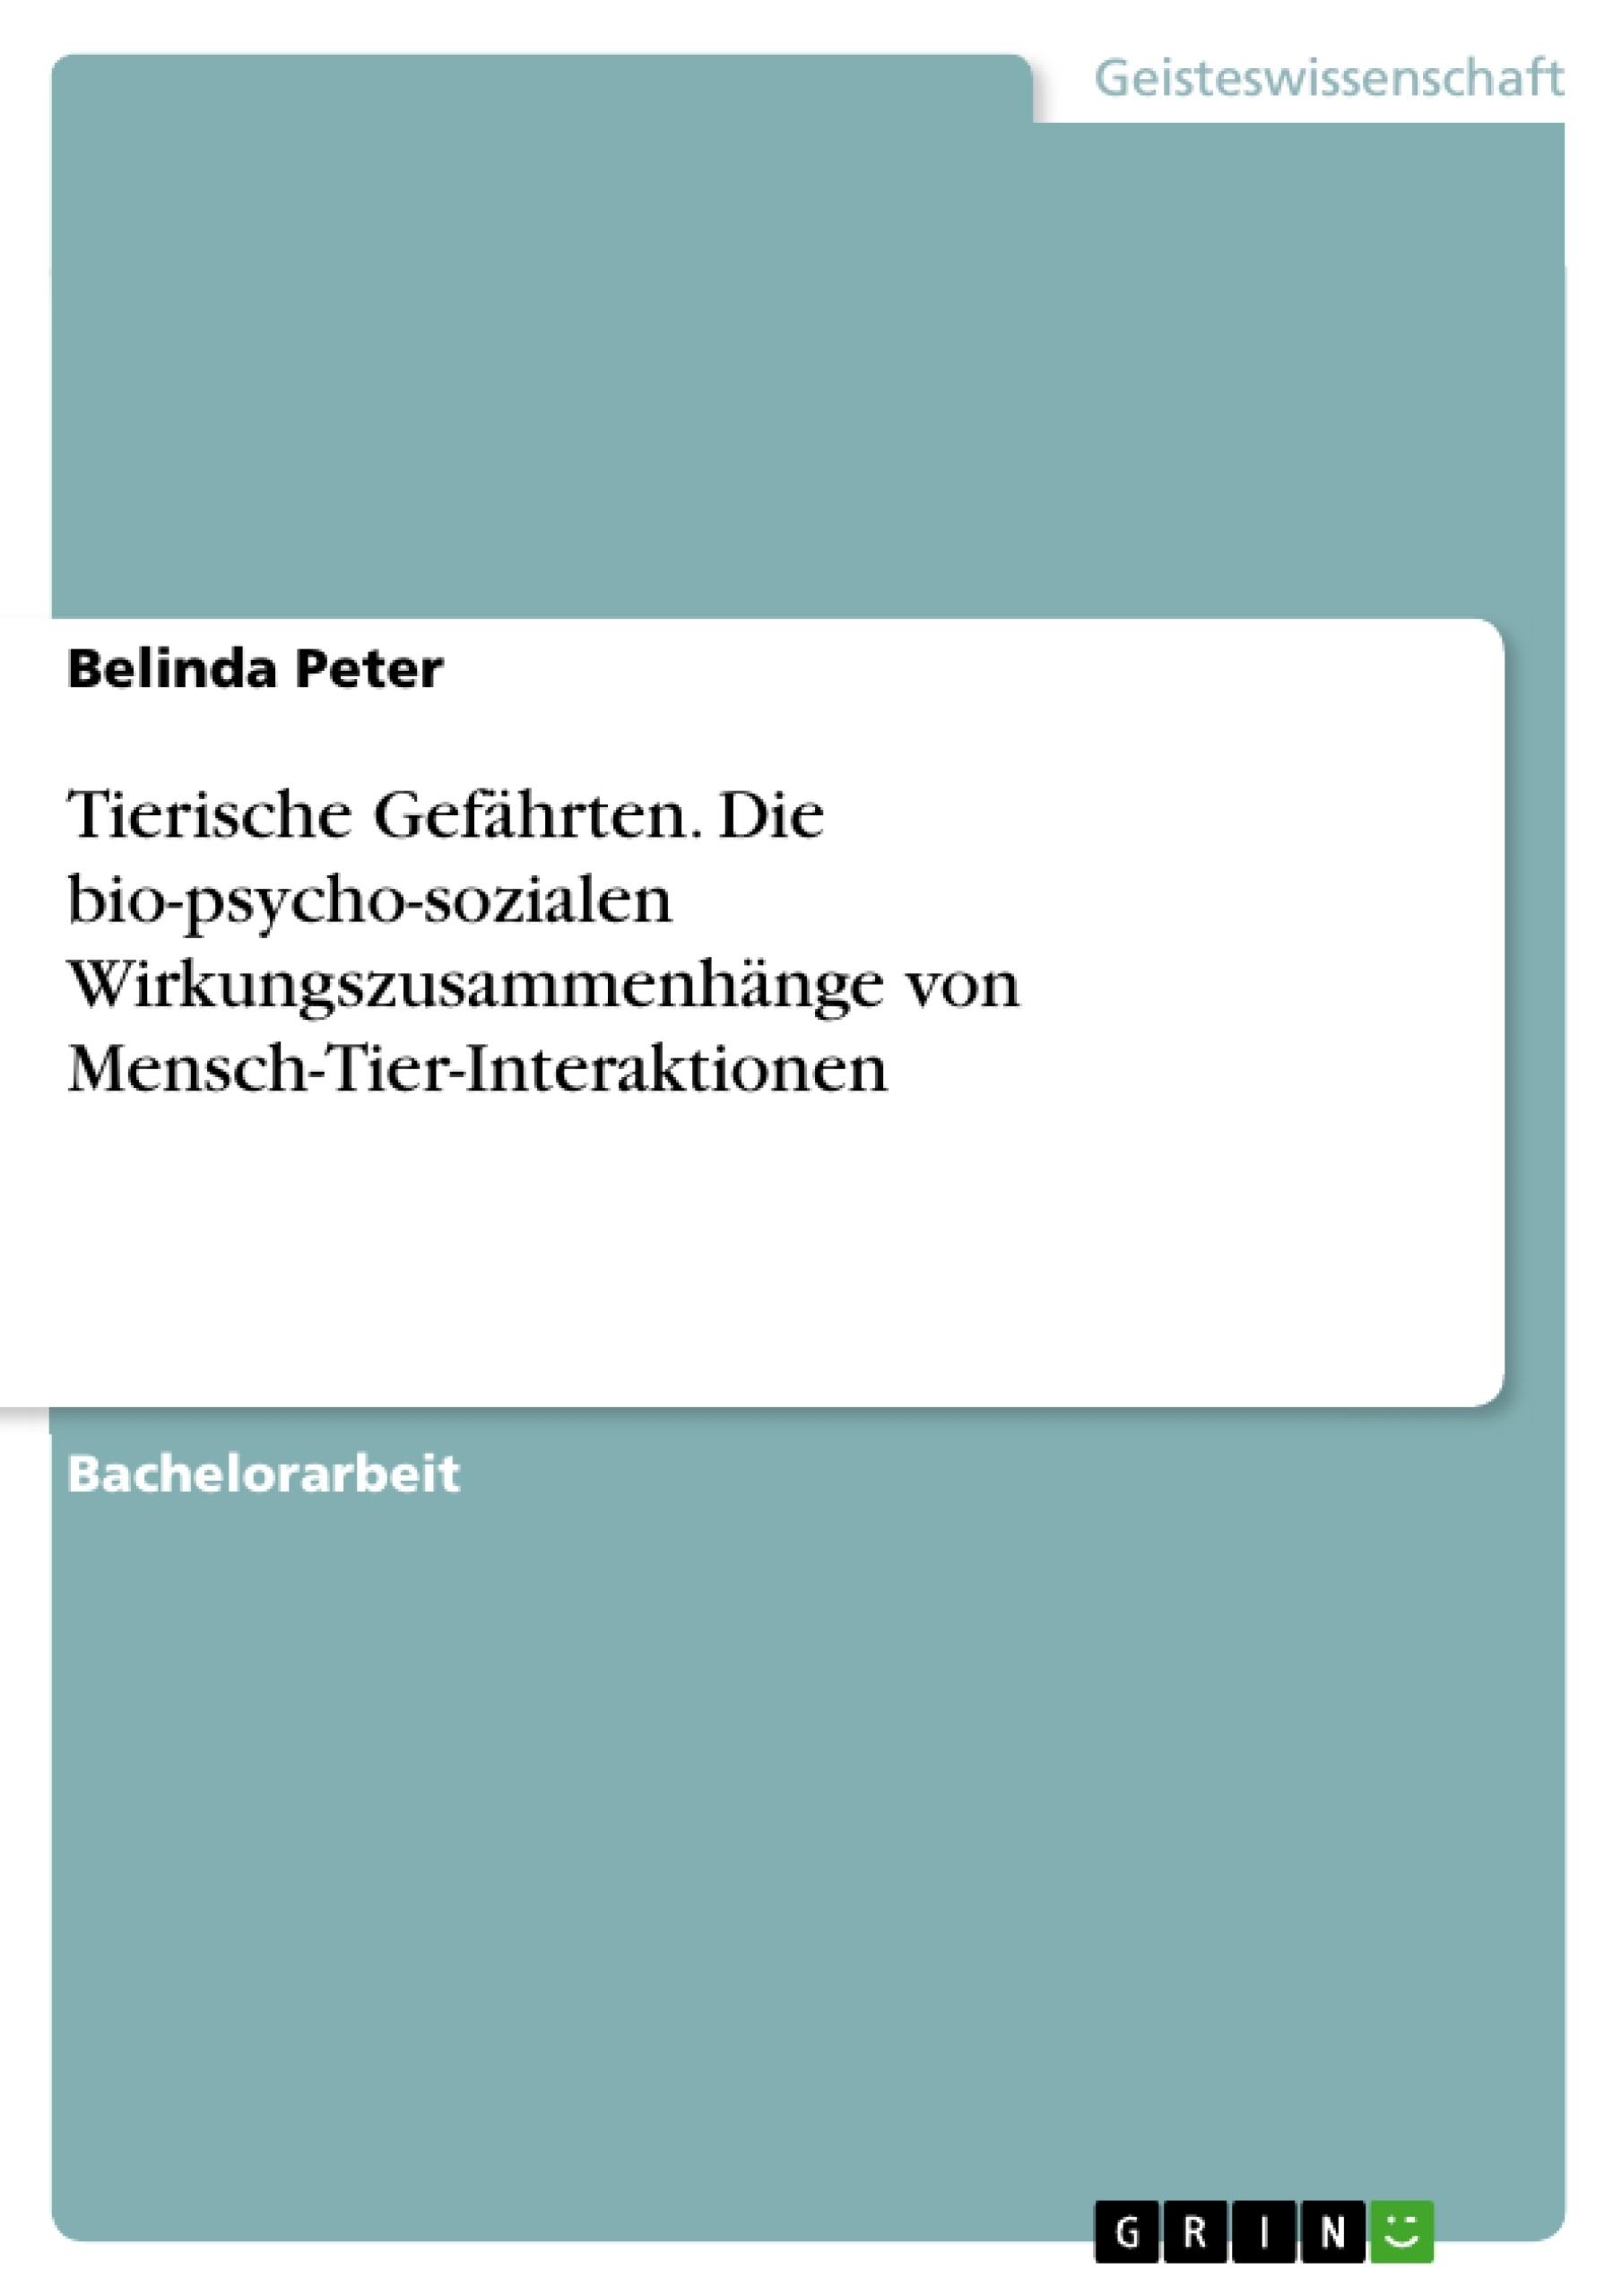 Titel: Tierische Gefährten. Die bio-psycho-sozialen Wirkungszusammenhänge von Mensch-Tier-Interaktionen